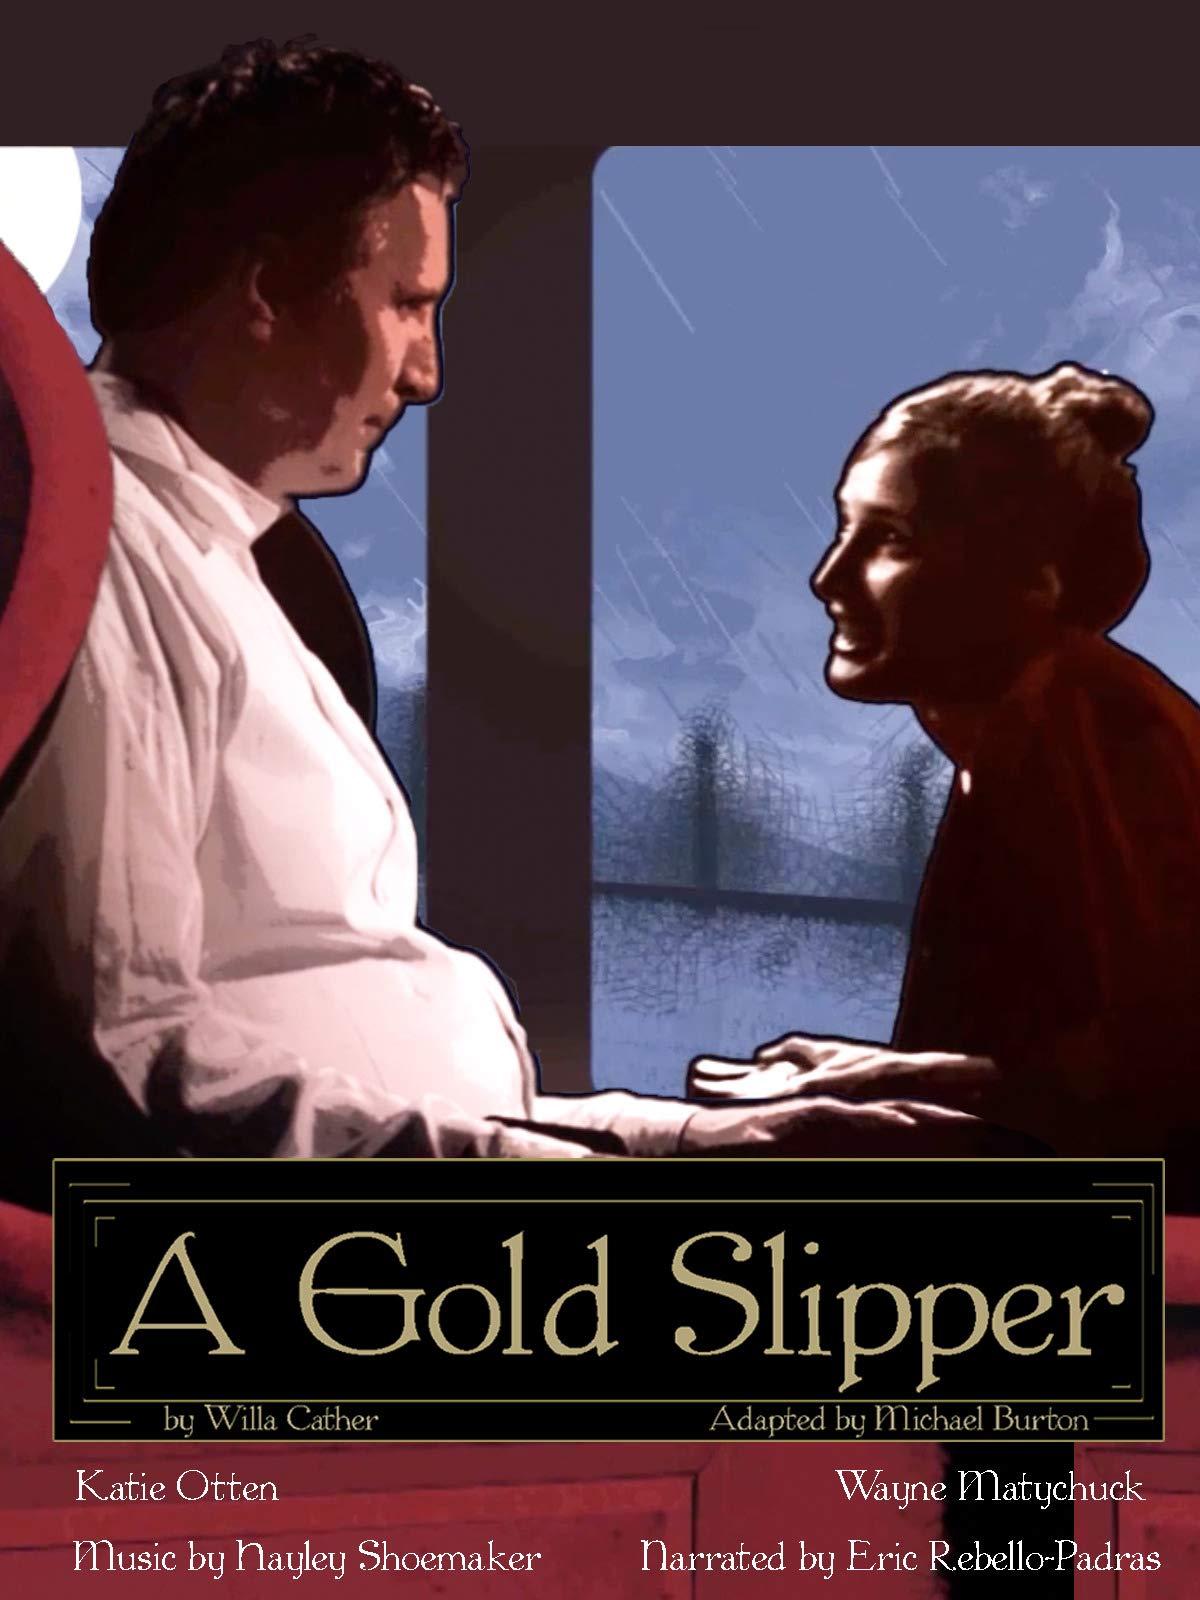 A Gold Slipper